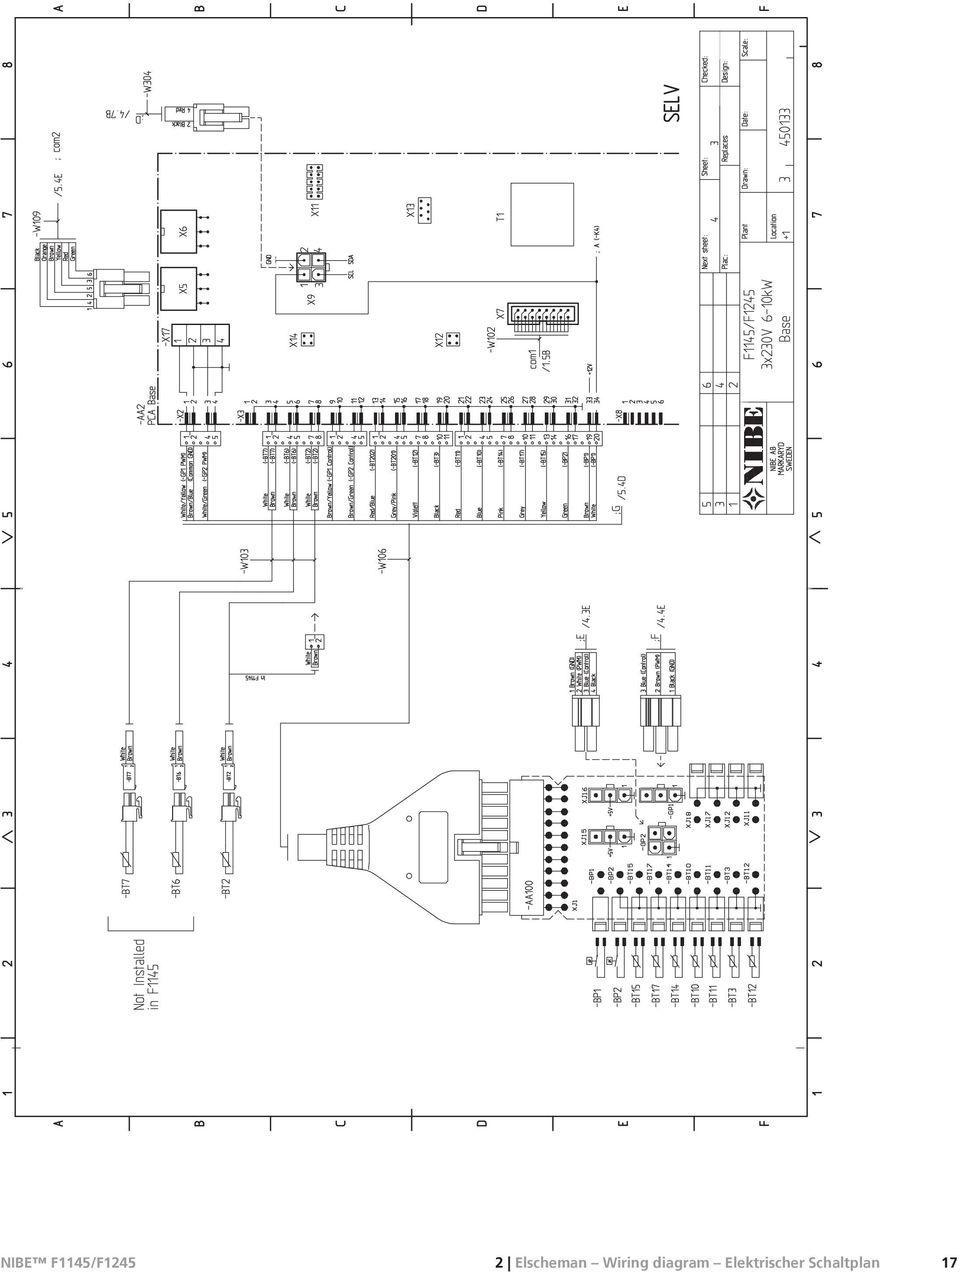 NIBE F1145/F1245. Elschema. Wiring diagram. Elektrischer